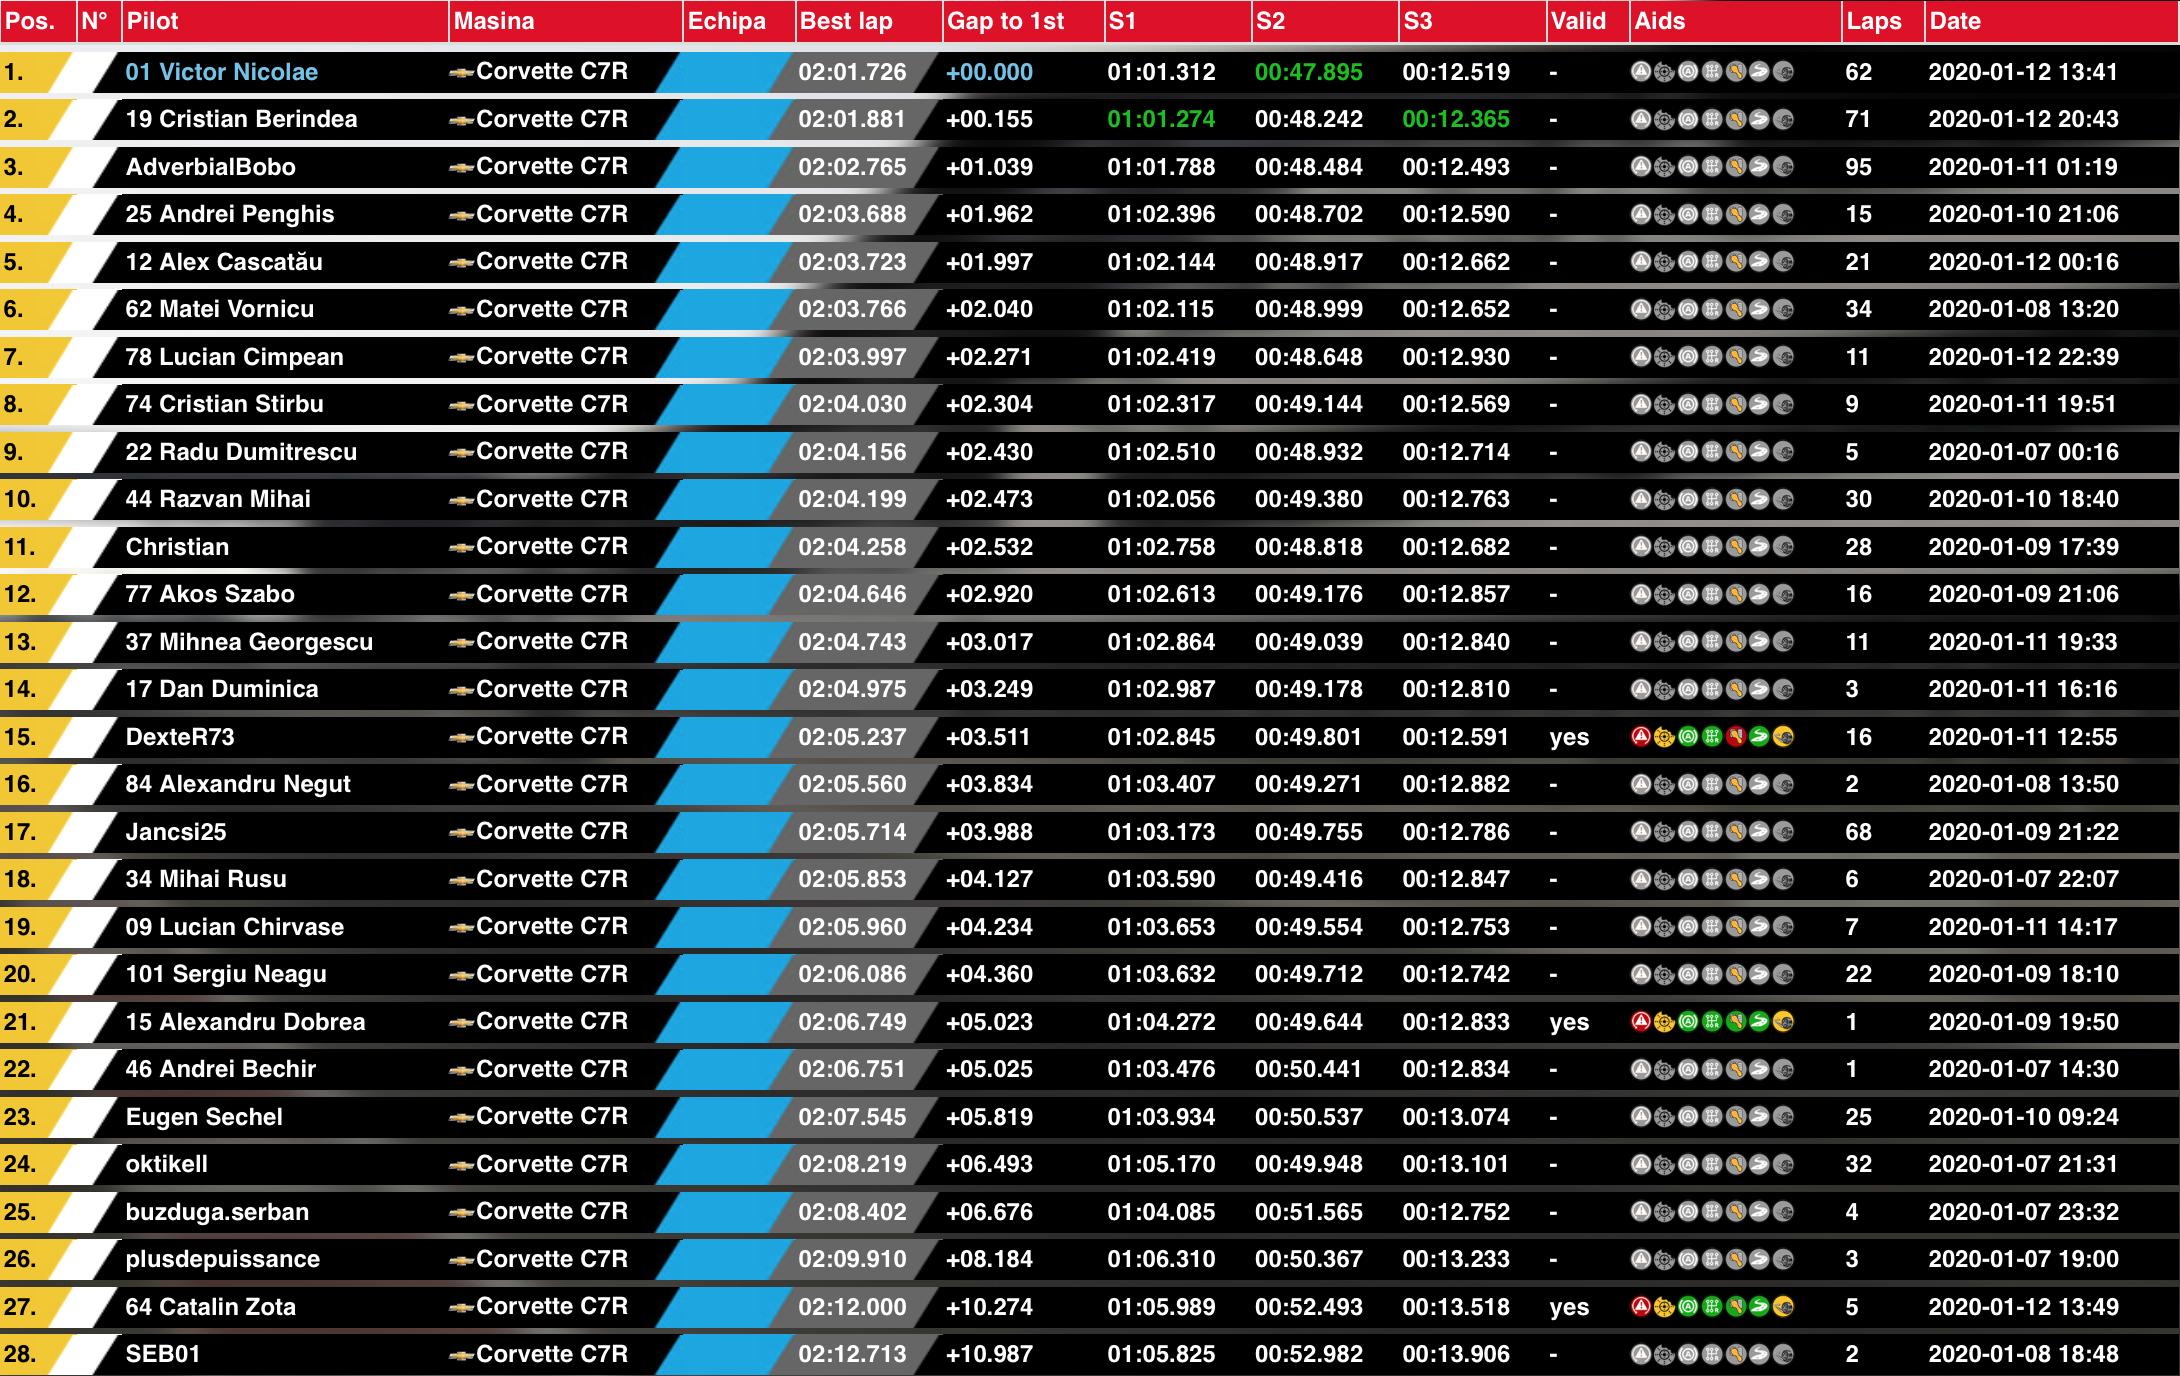 Screen Shot 2020-01-13 at 11.29.34.png